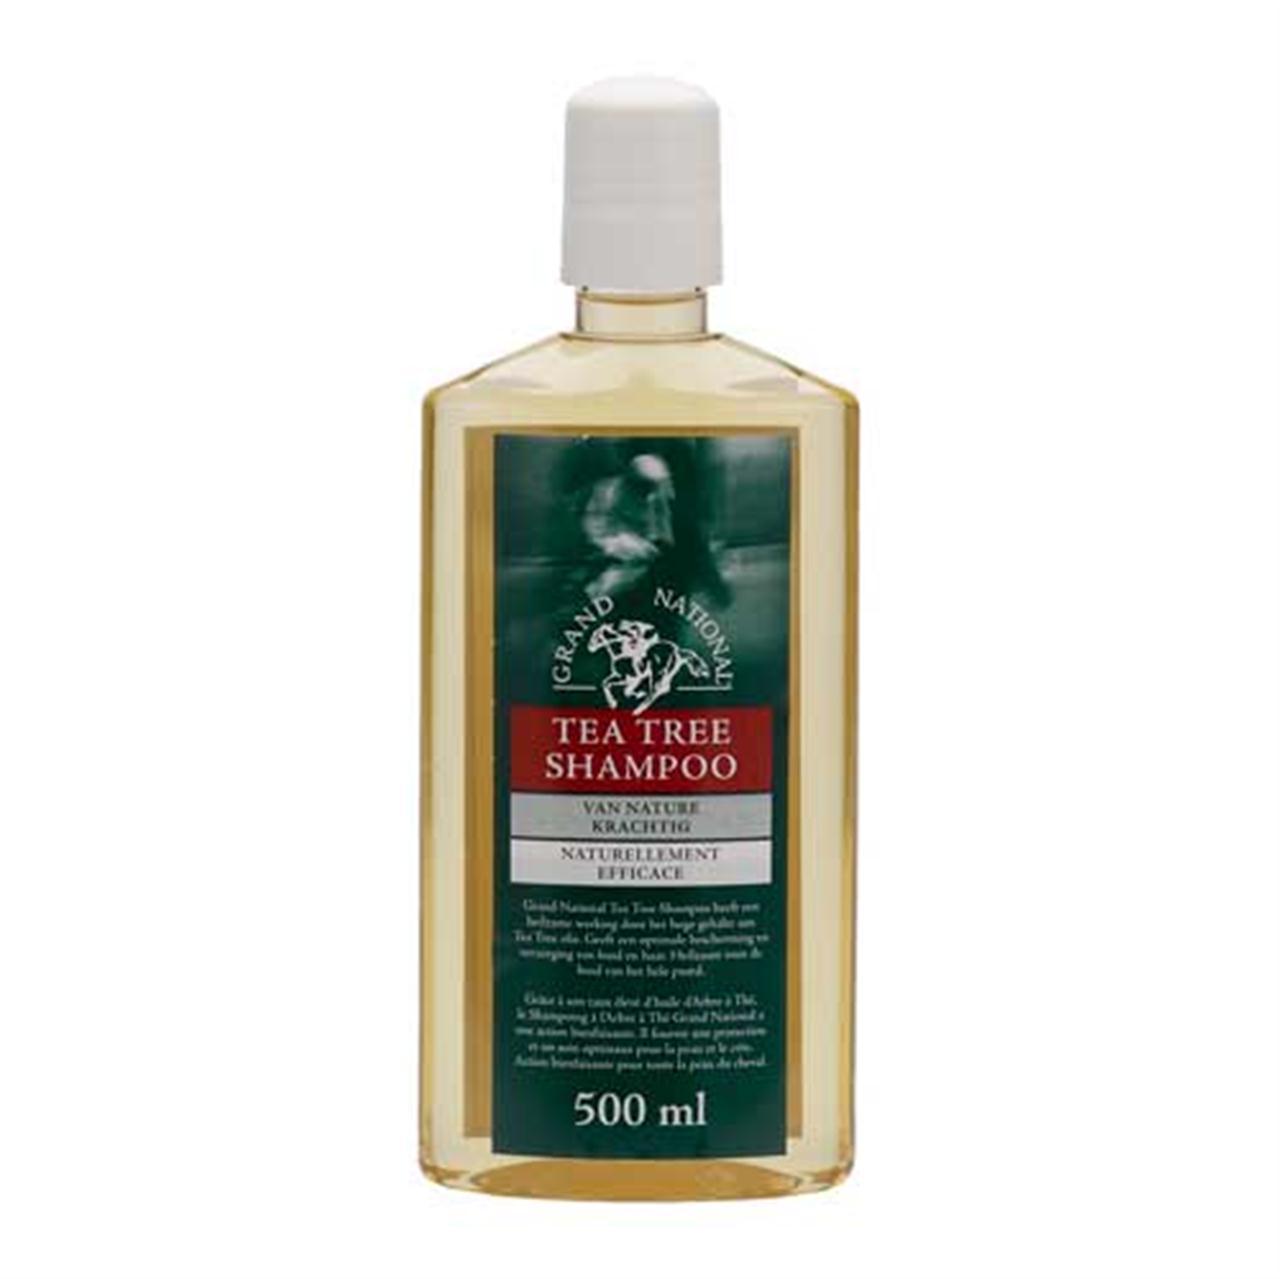 Grand National tea tree shampoo